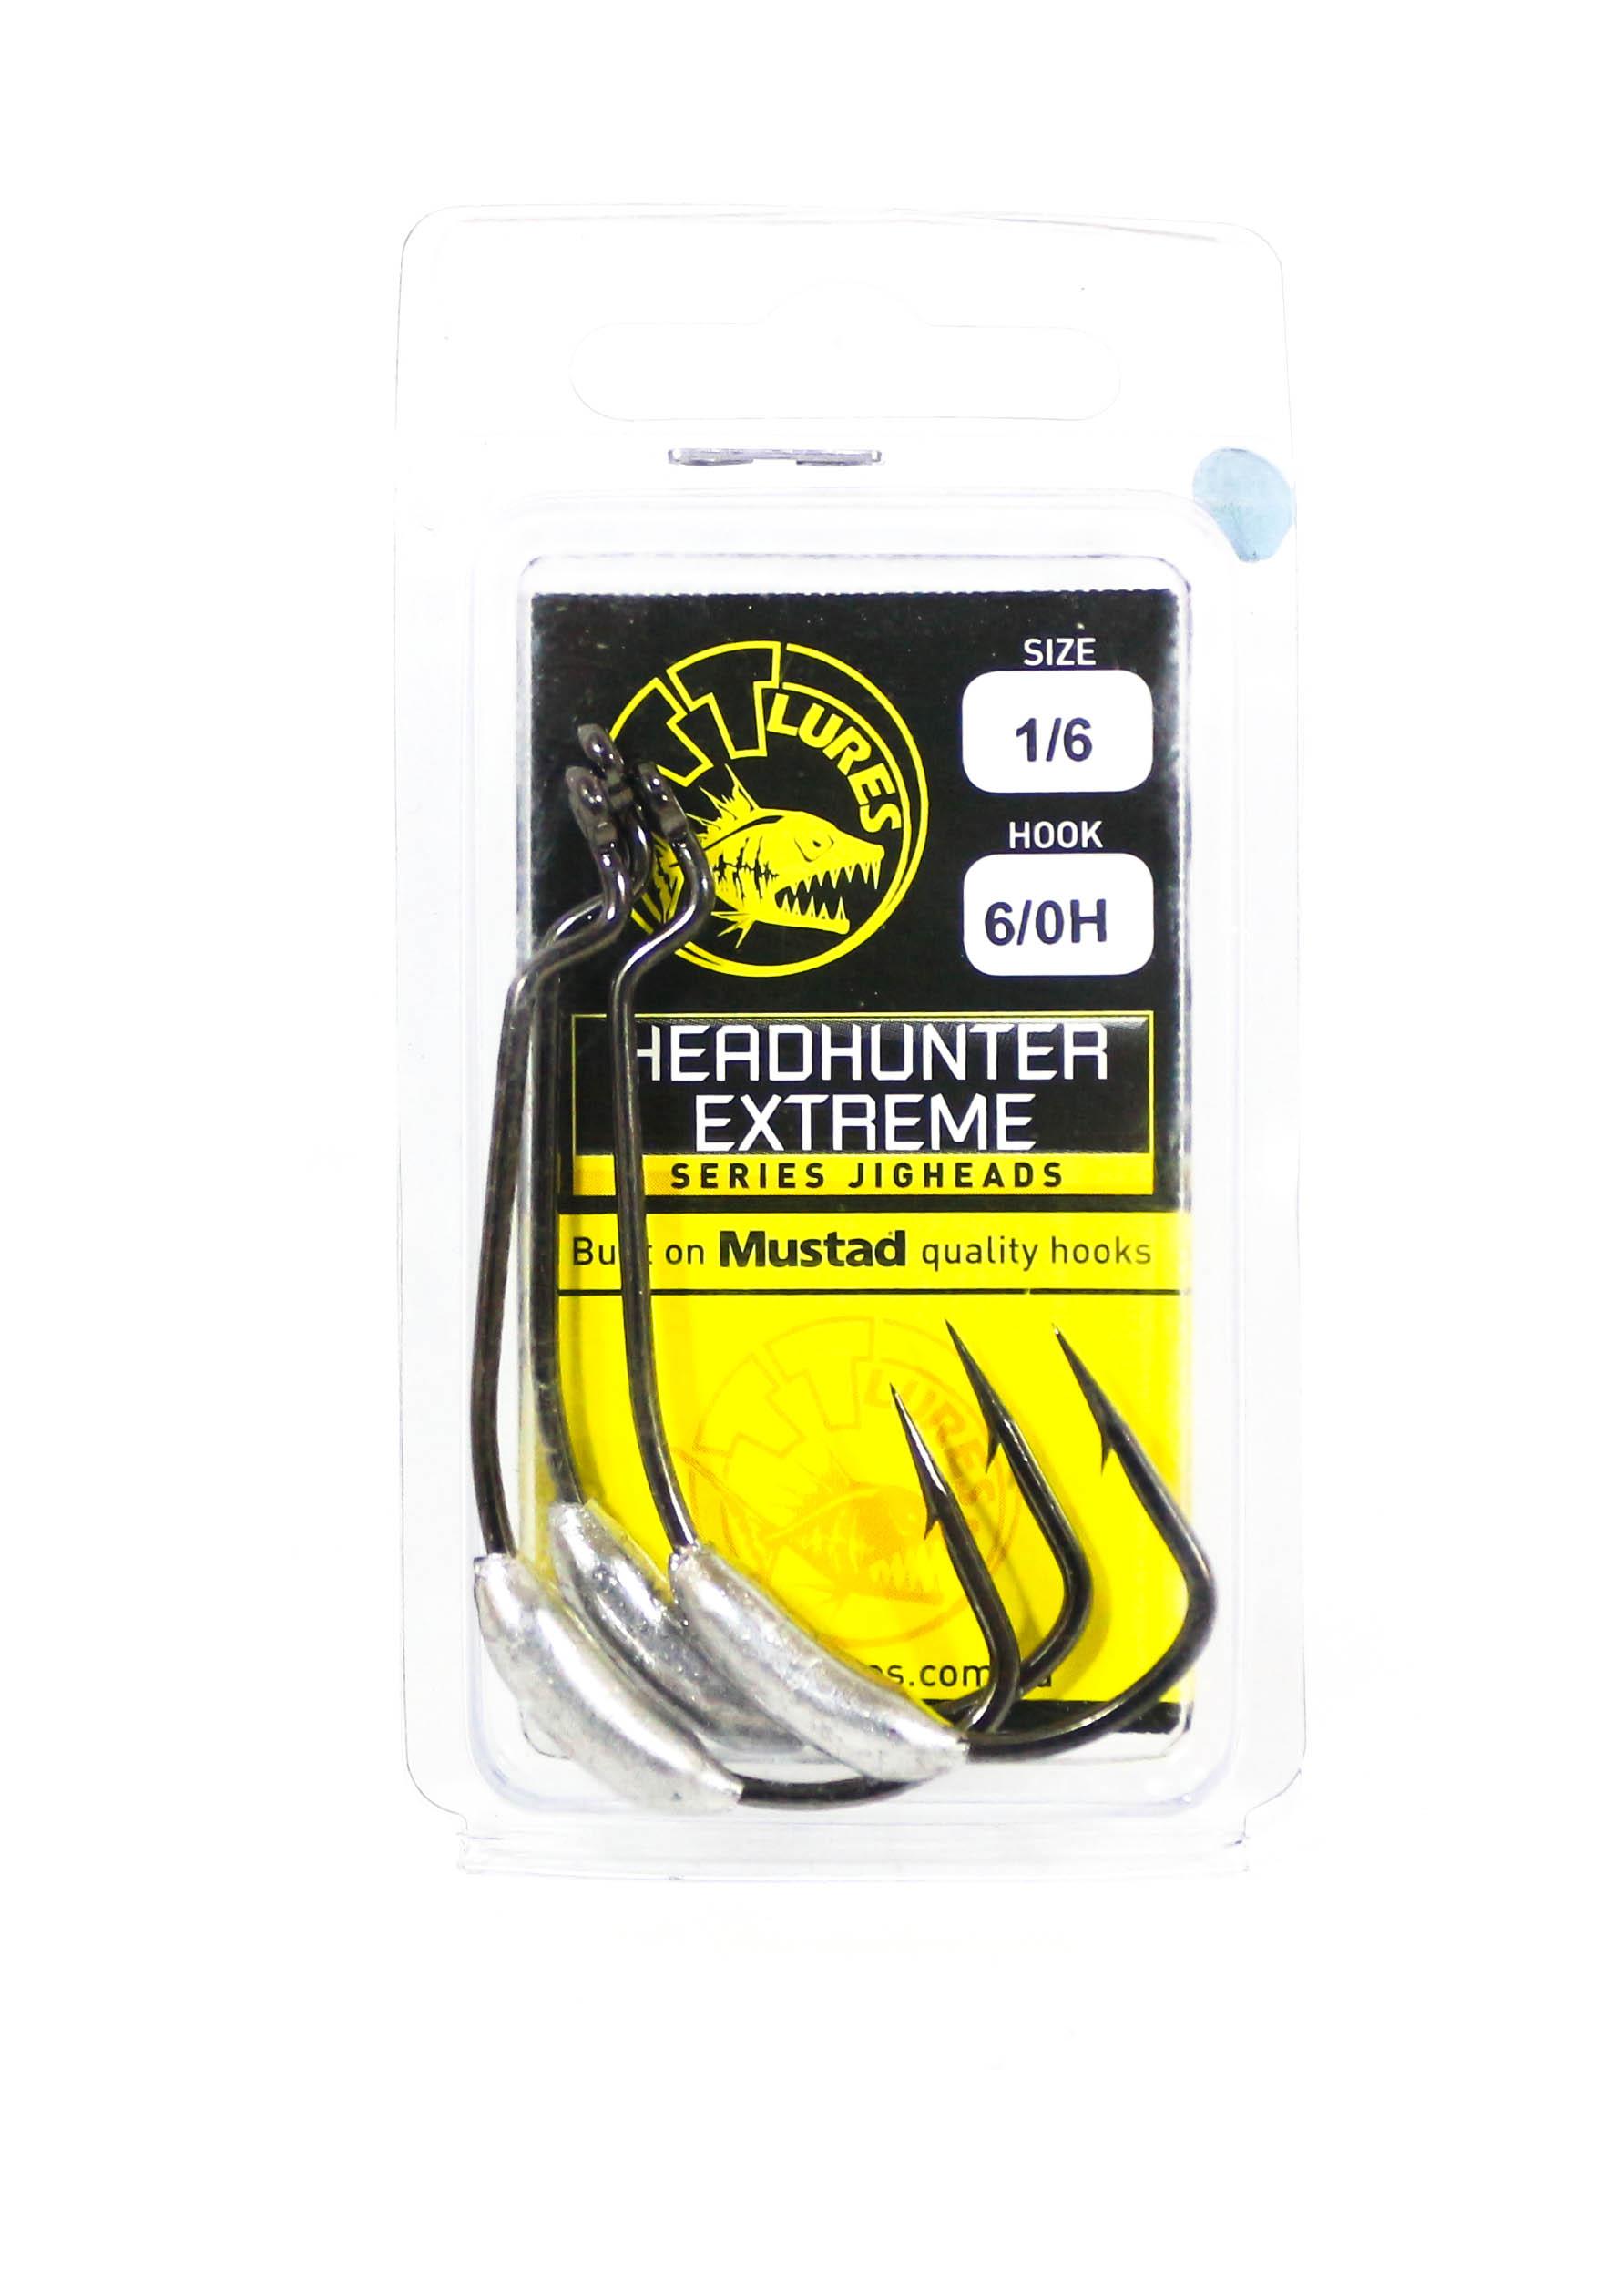 Tackle Tactics TT Head Hunter Extreme SWS Hook 1/6 oz 6/0 XH 3 per pack (1968)